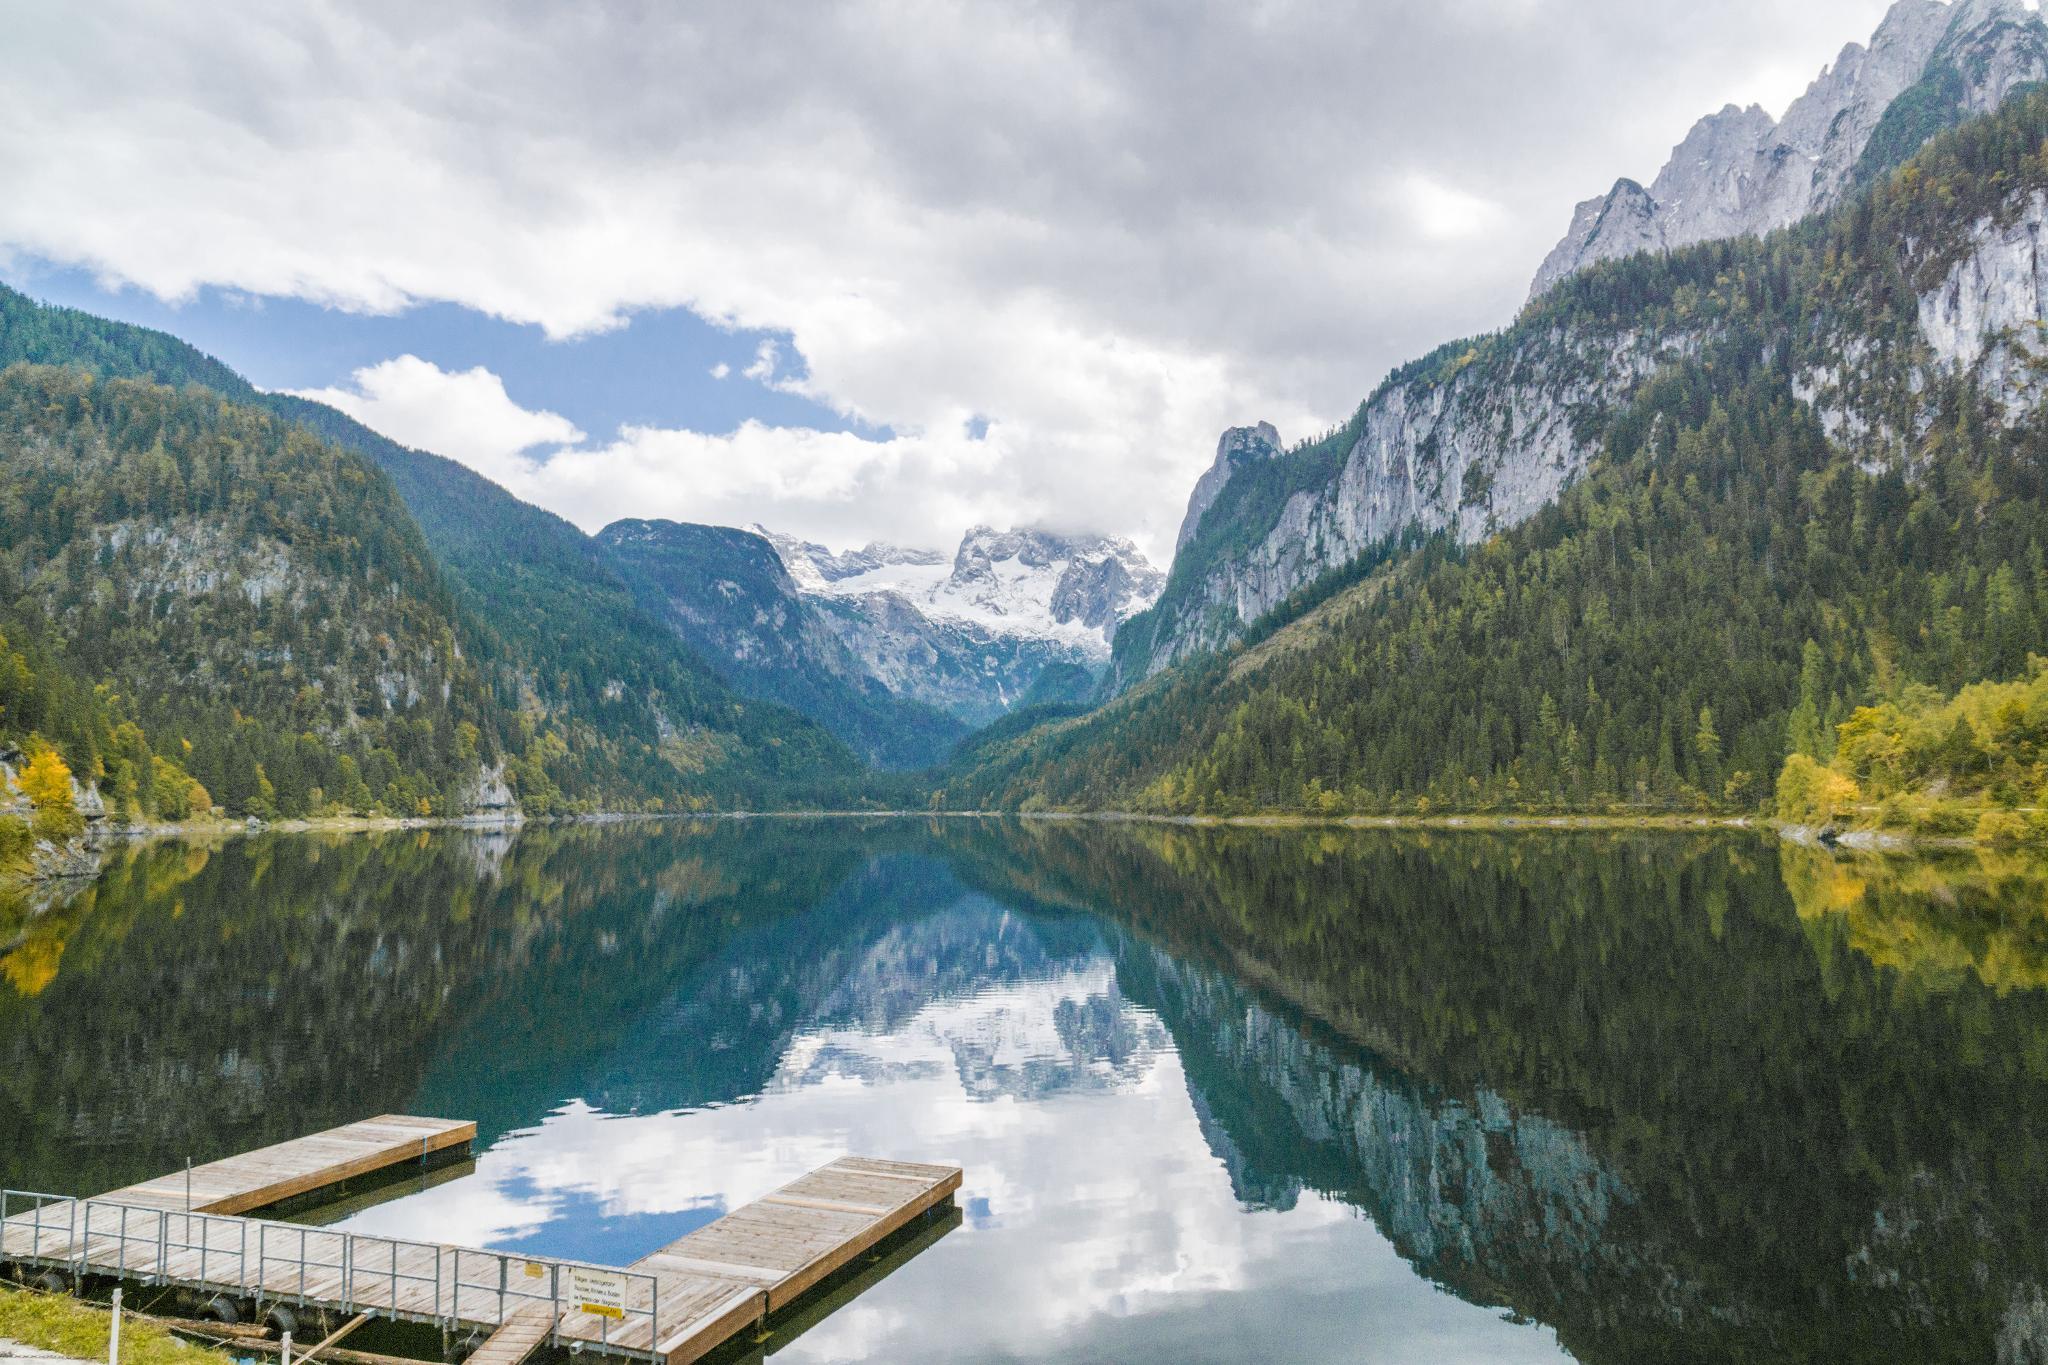 【奧地利】遠離塵囂!哈修塔特周邊的絕美湖泊 — 高薩湖 Gosausee 湖濱散記 2